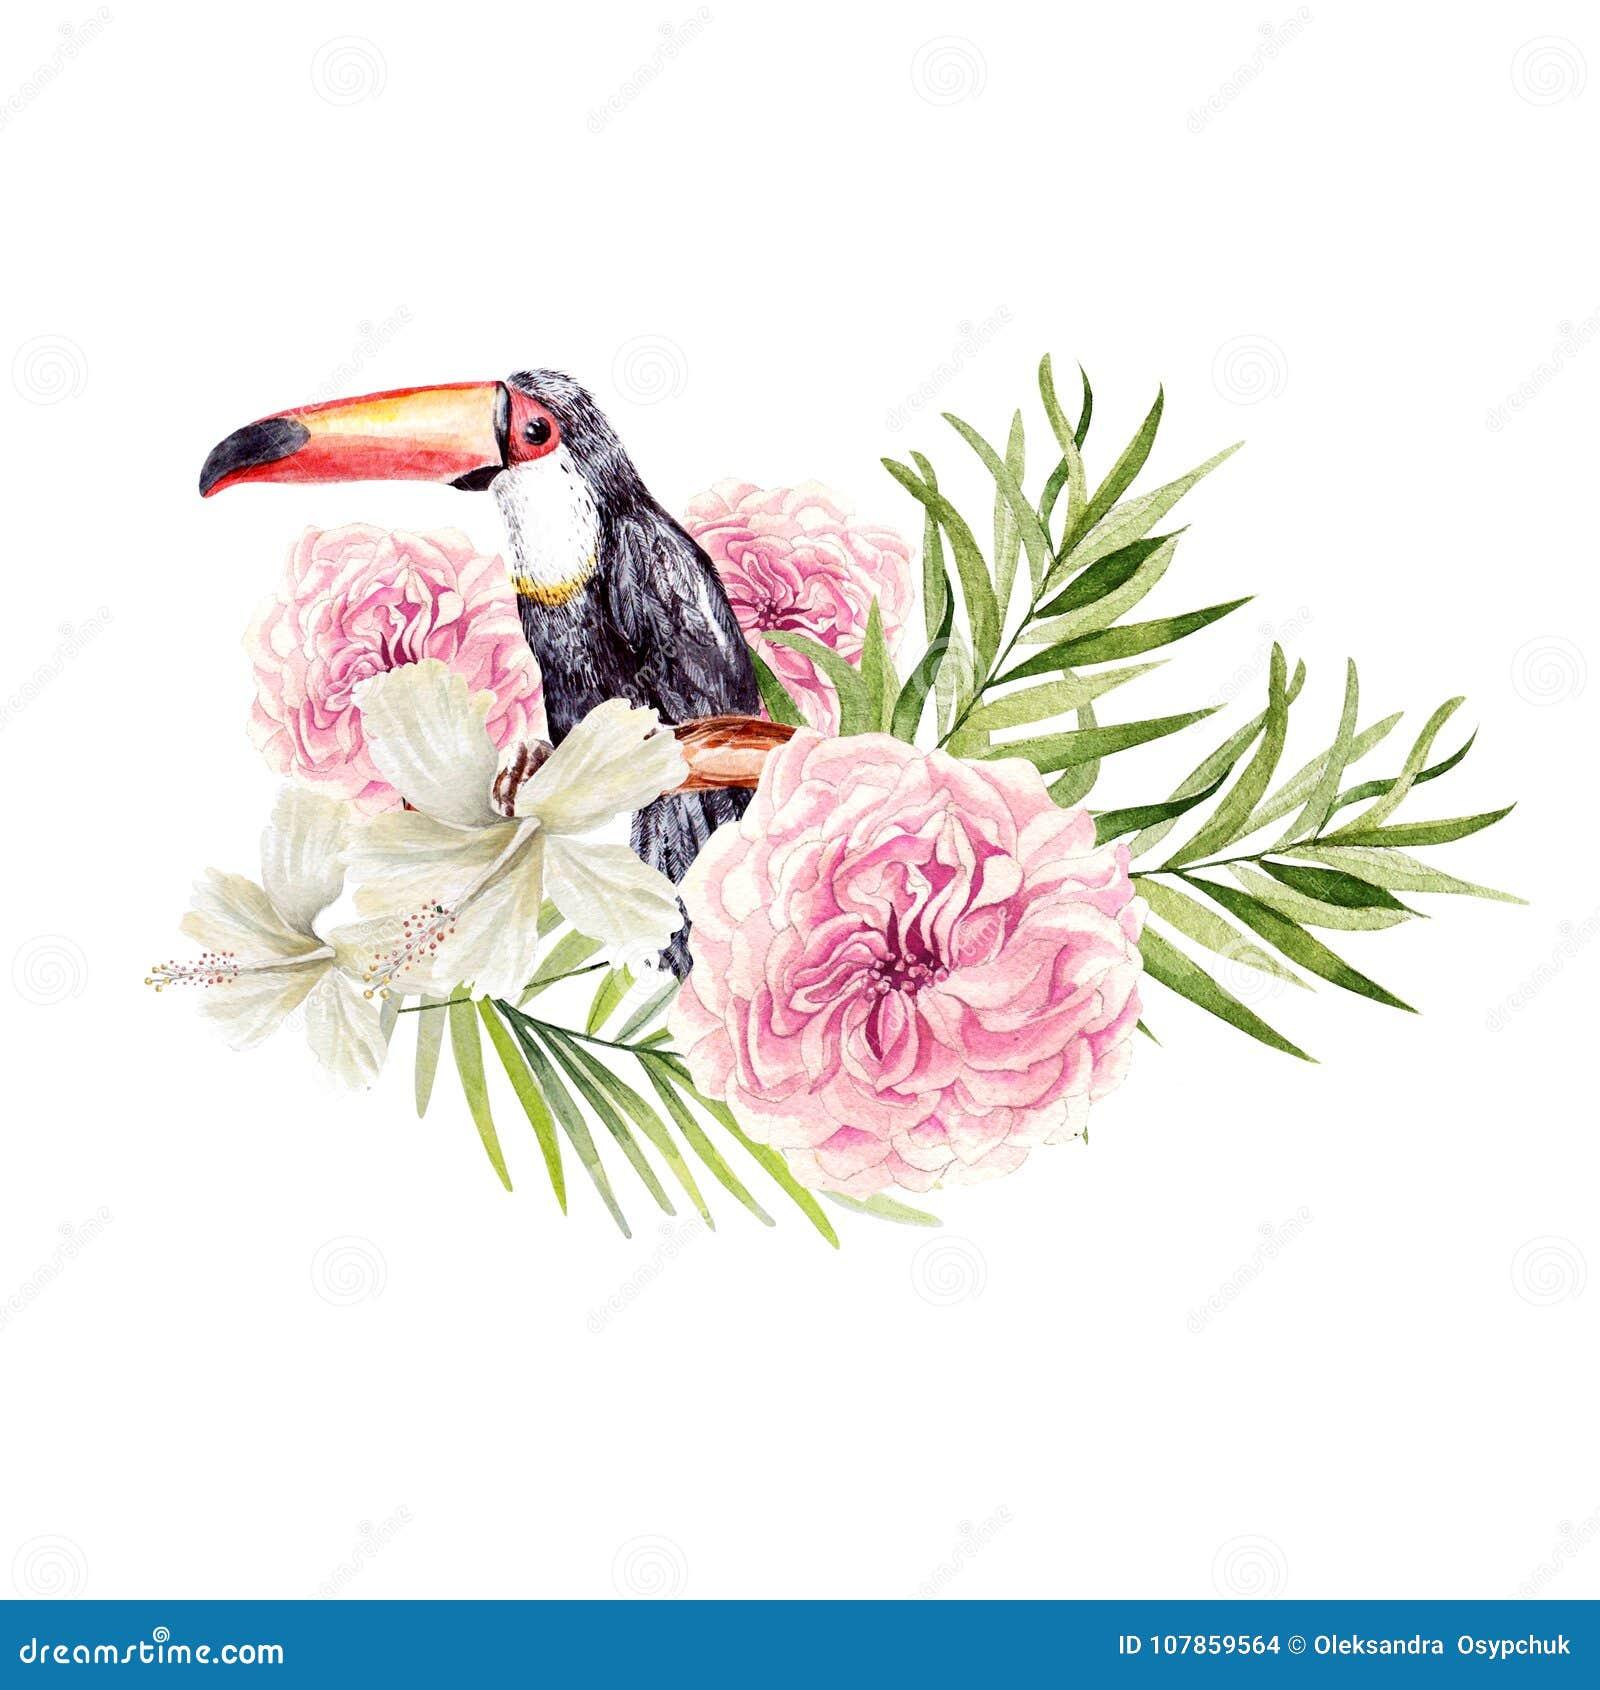 与棕榈树的鸟toucan和玫瑰的叶子,花和木槿的美丽的水彩花束图片